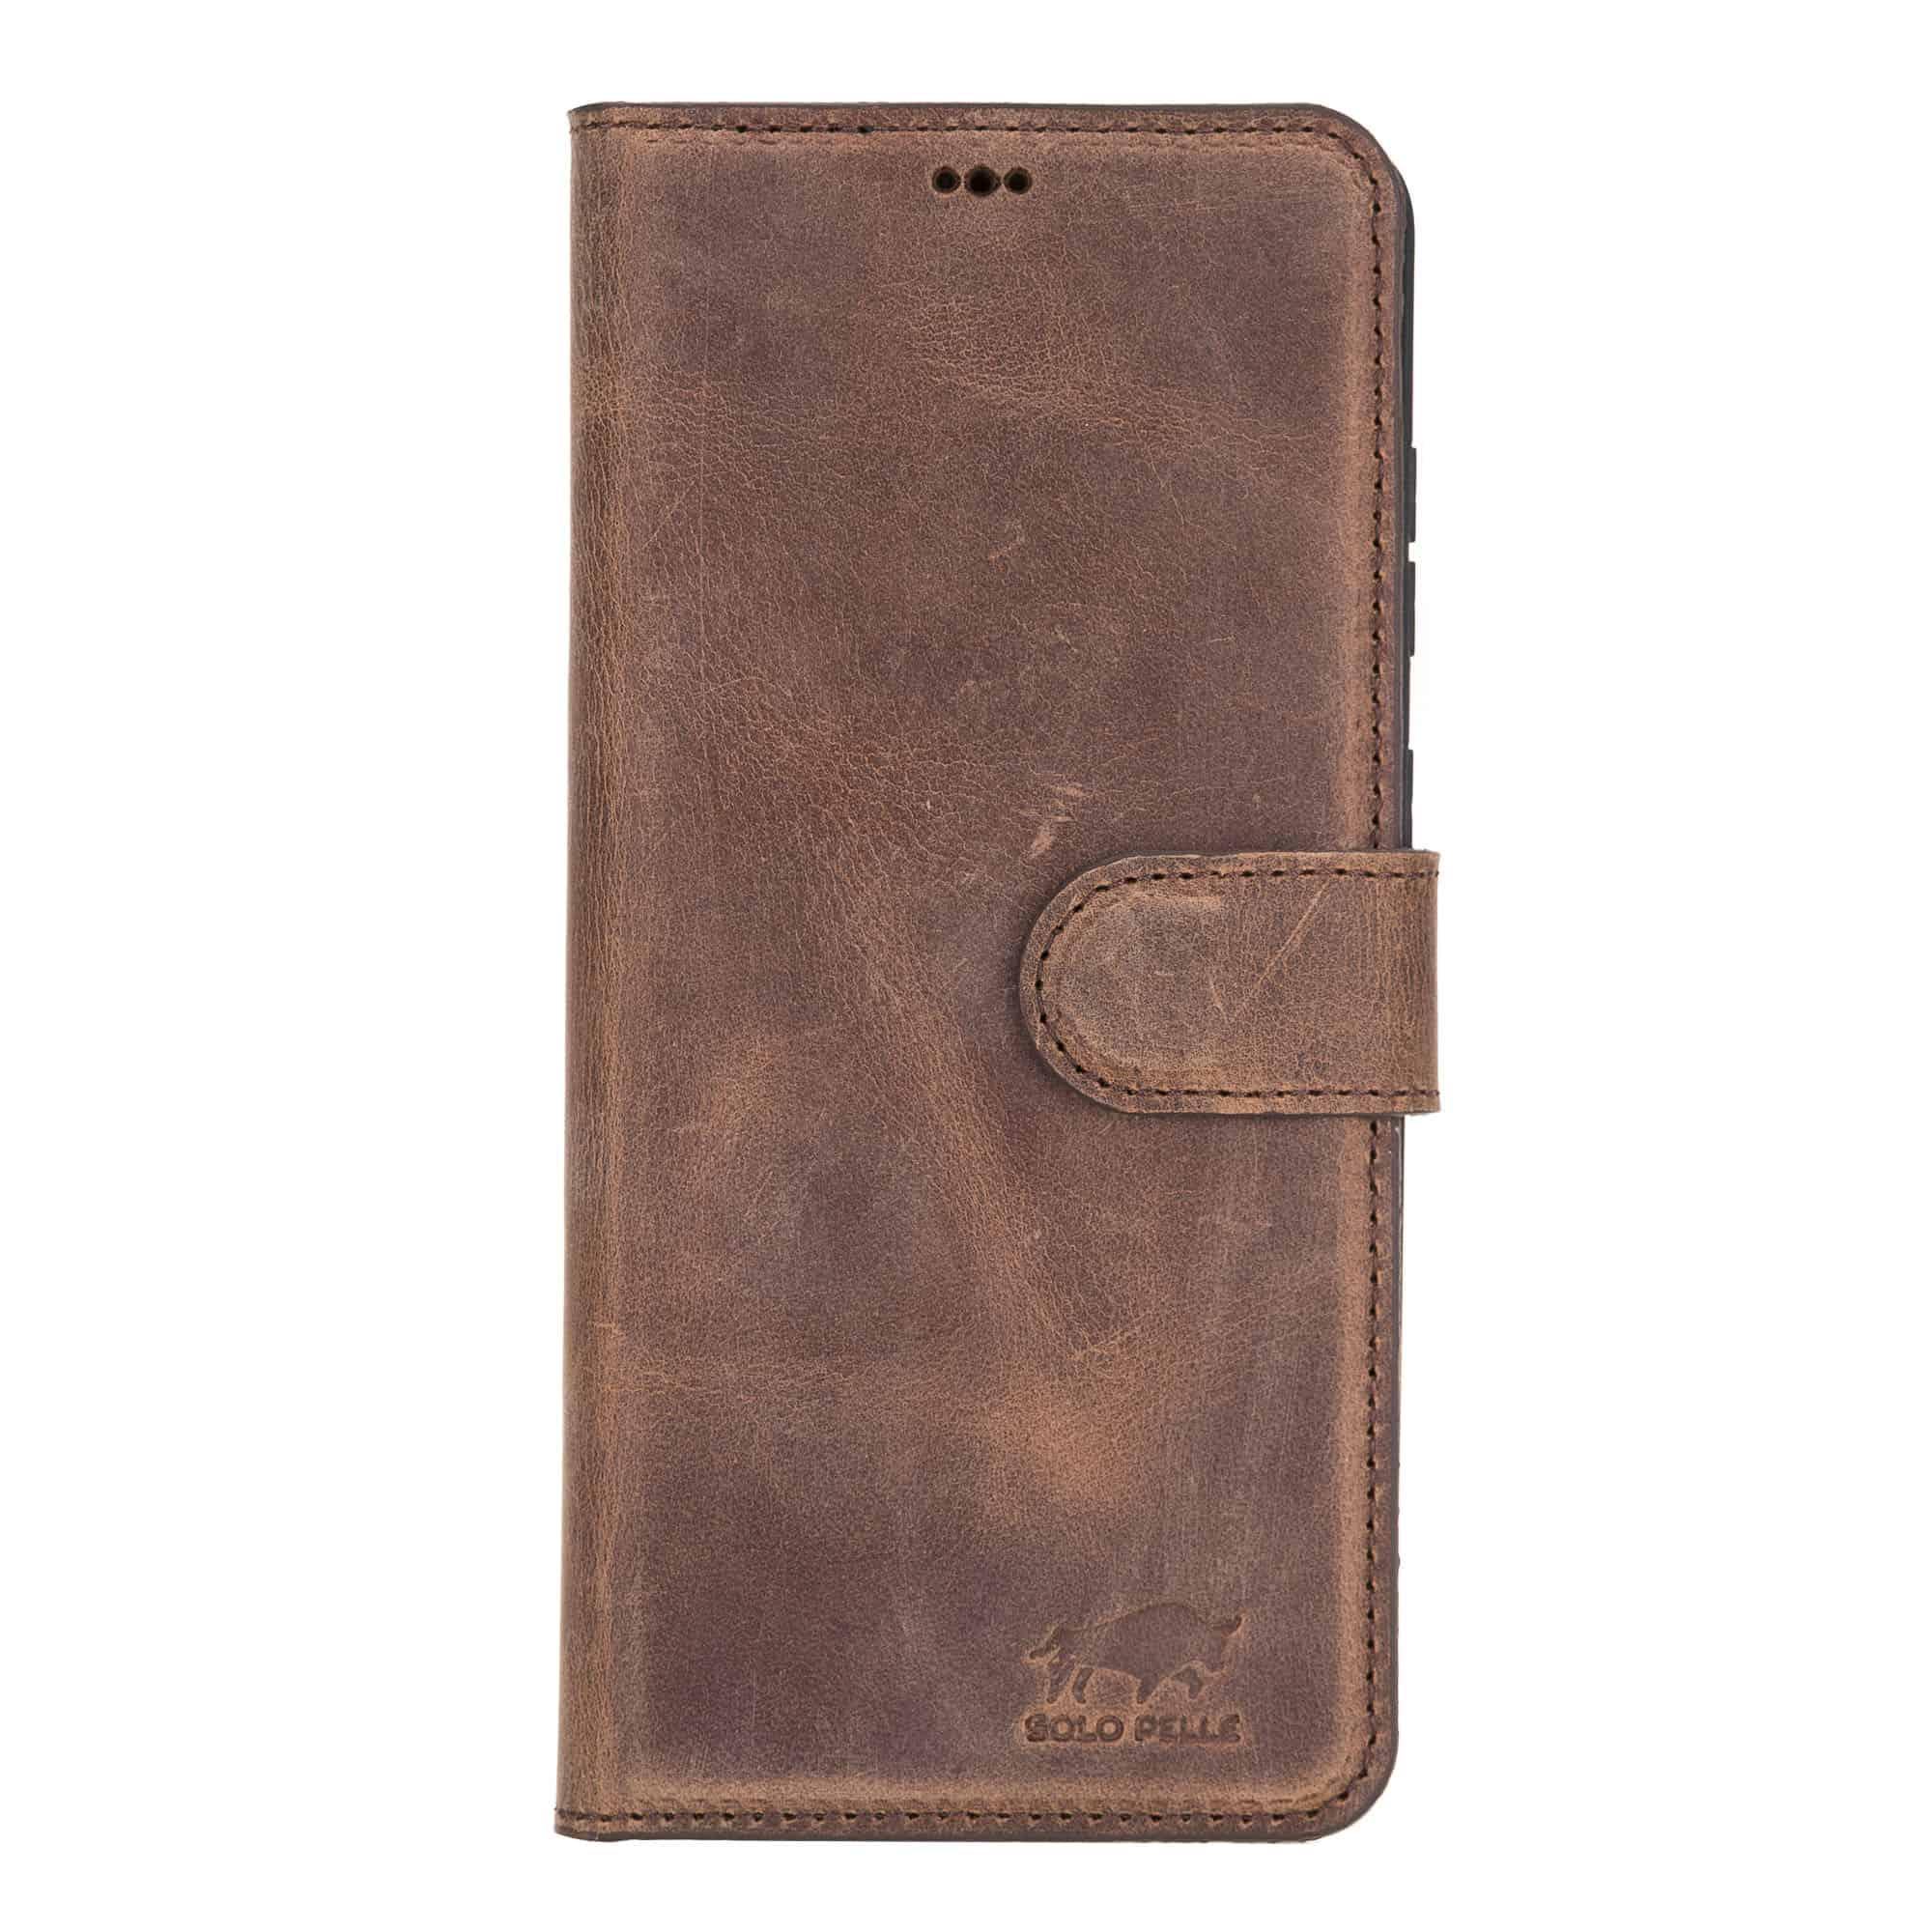 Lederhülle Harvard für das Samsung Galaxy S20+ | S20 Plus 5G (Vintage Braun)